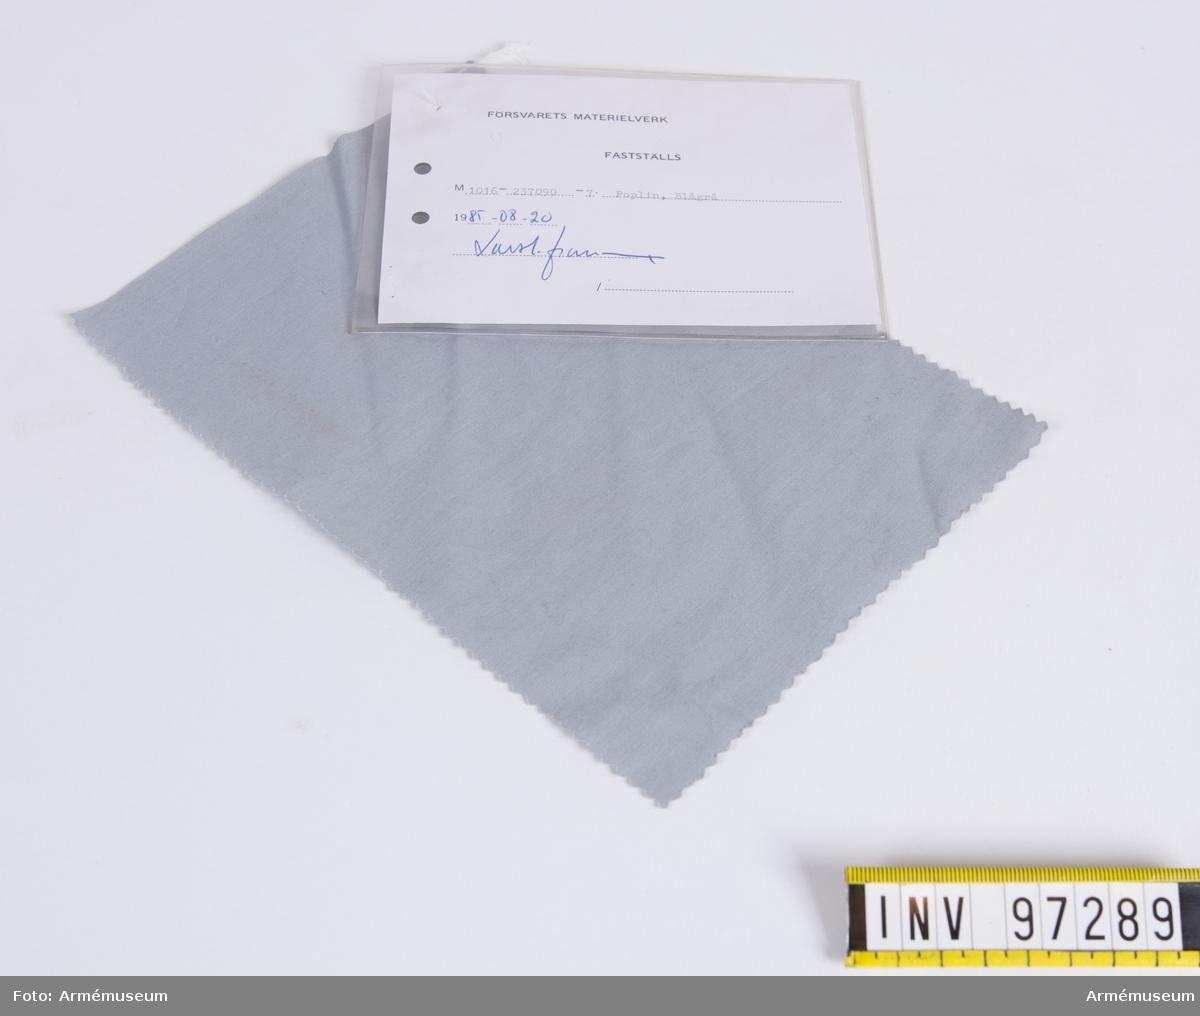 """Vidhängande modellapp med text: """"Försvarets materielverk. Fastställs. M 1016-237090-7 Poplin, Blågrå. 1985-08-20. (oläslig sign)"""""""